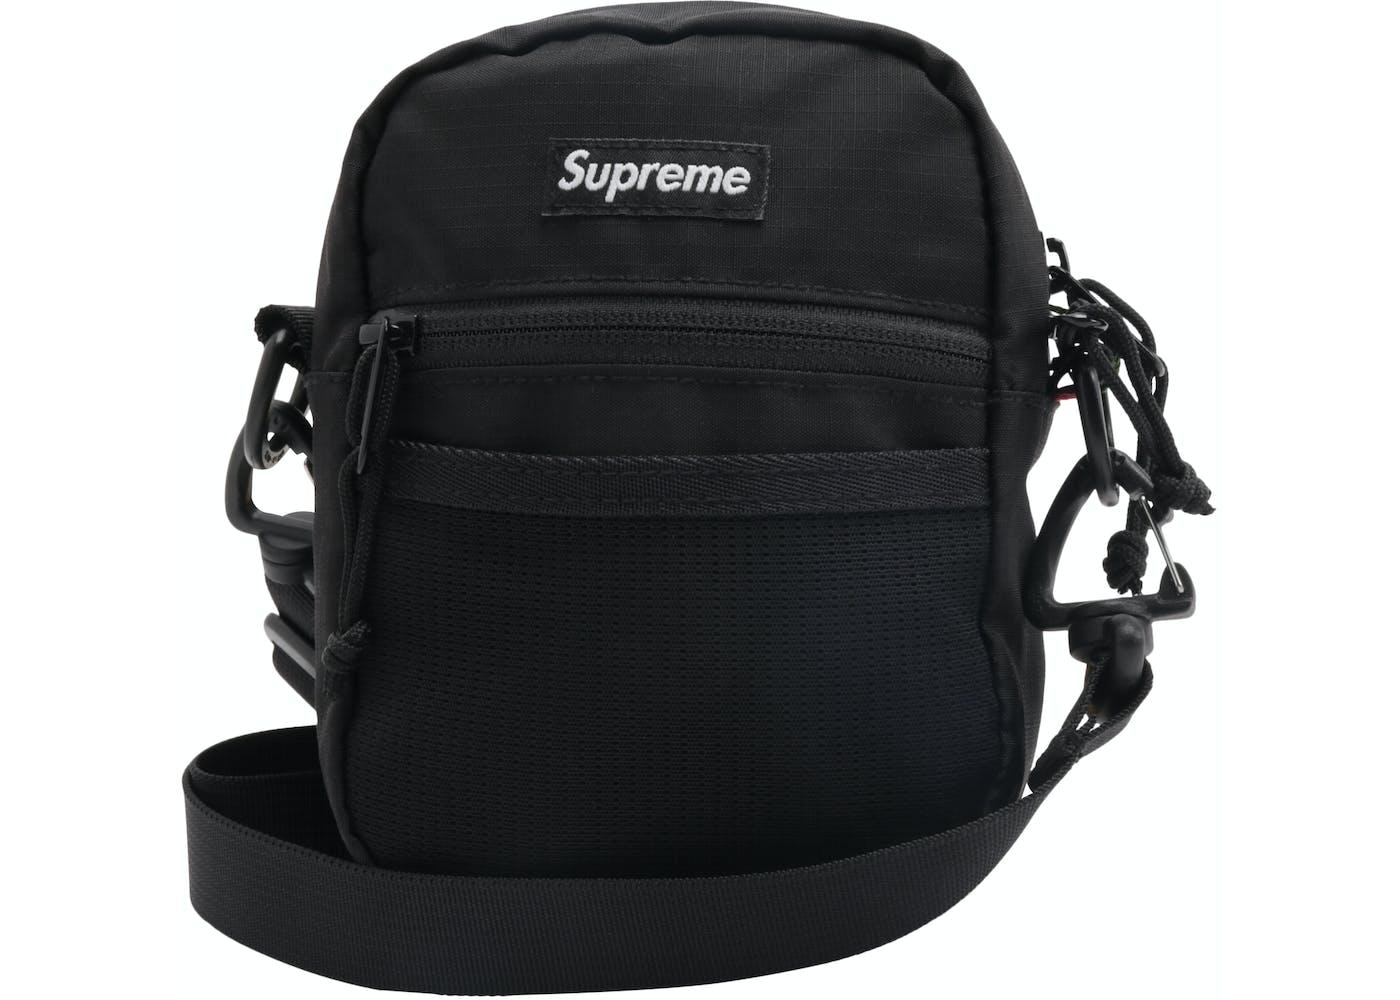 b71c7271a0 Supreme Small Shoulder Bag Black